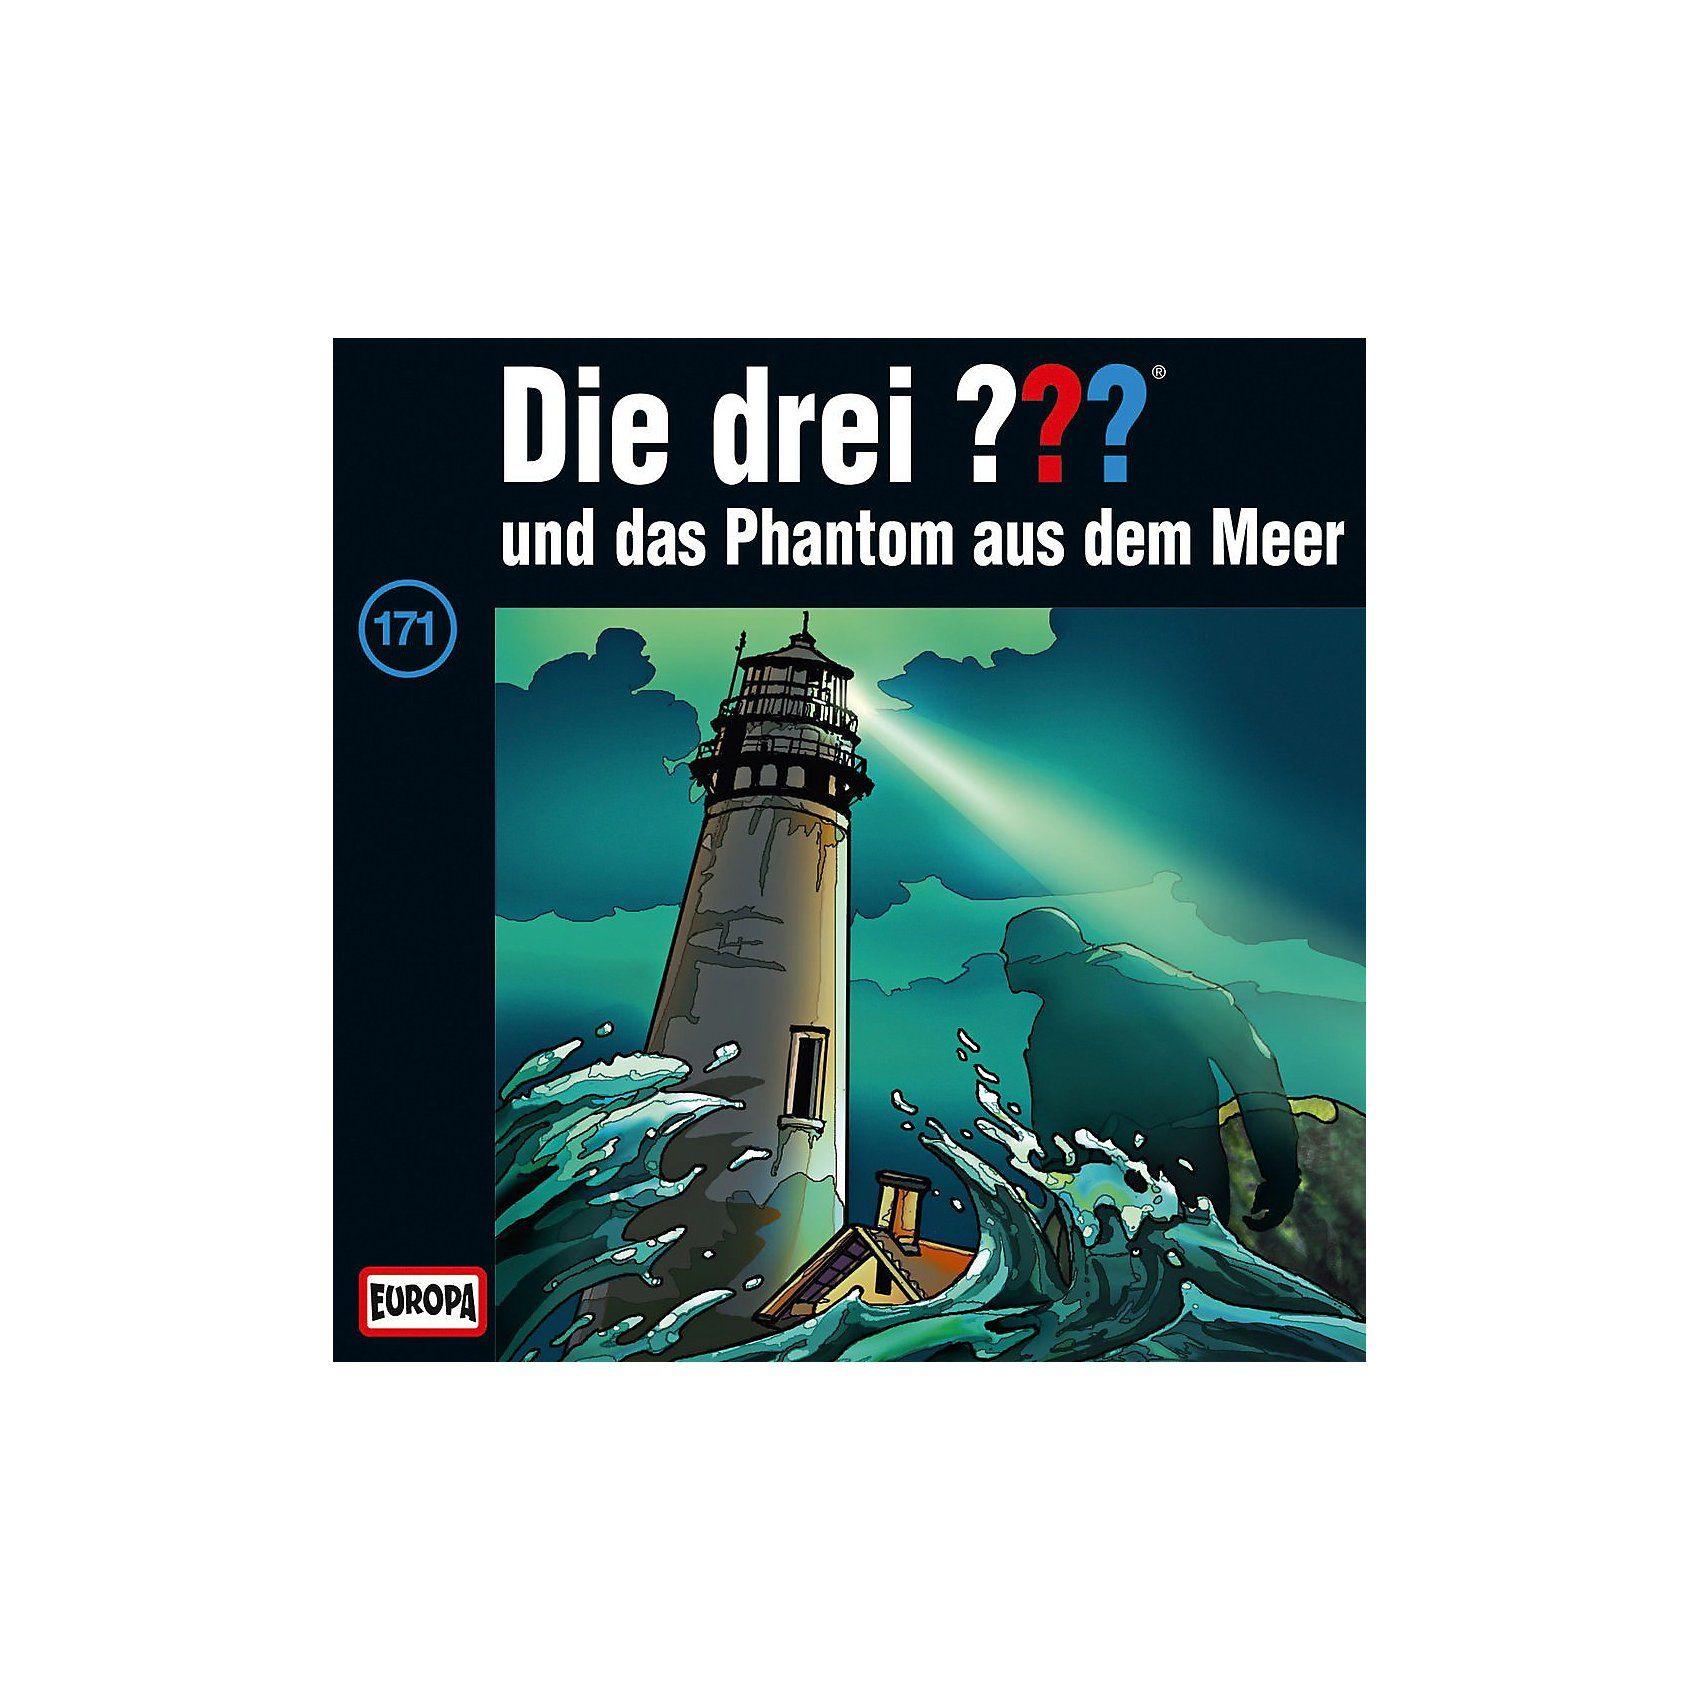 Sony CD Die Drei ??? 171 - ..und das Phantom aus dem Meer